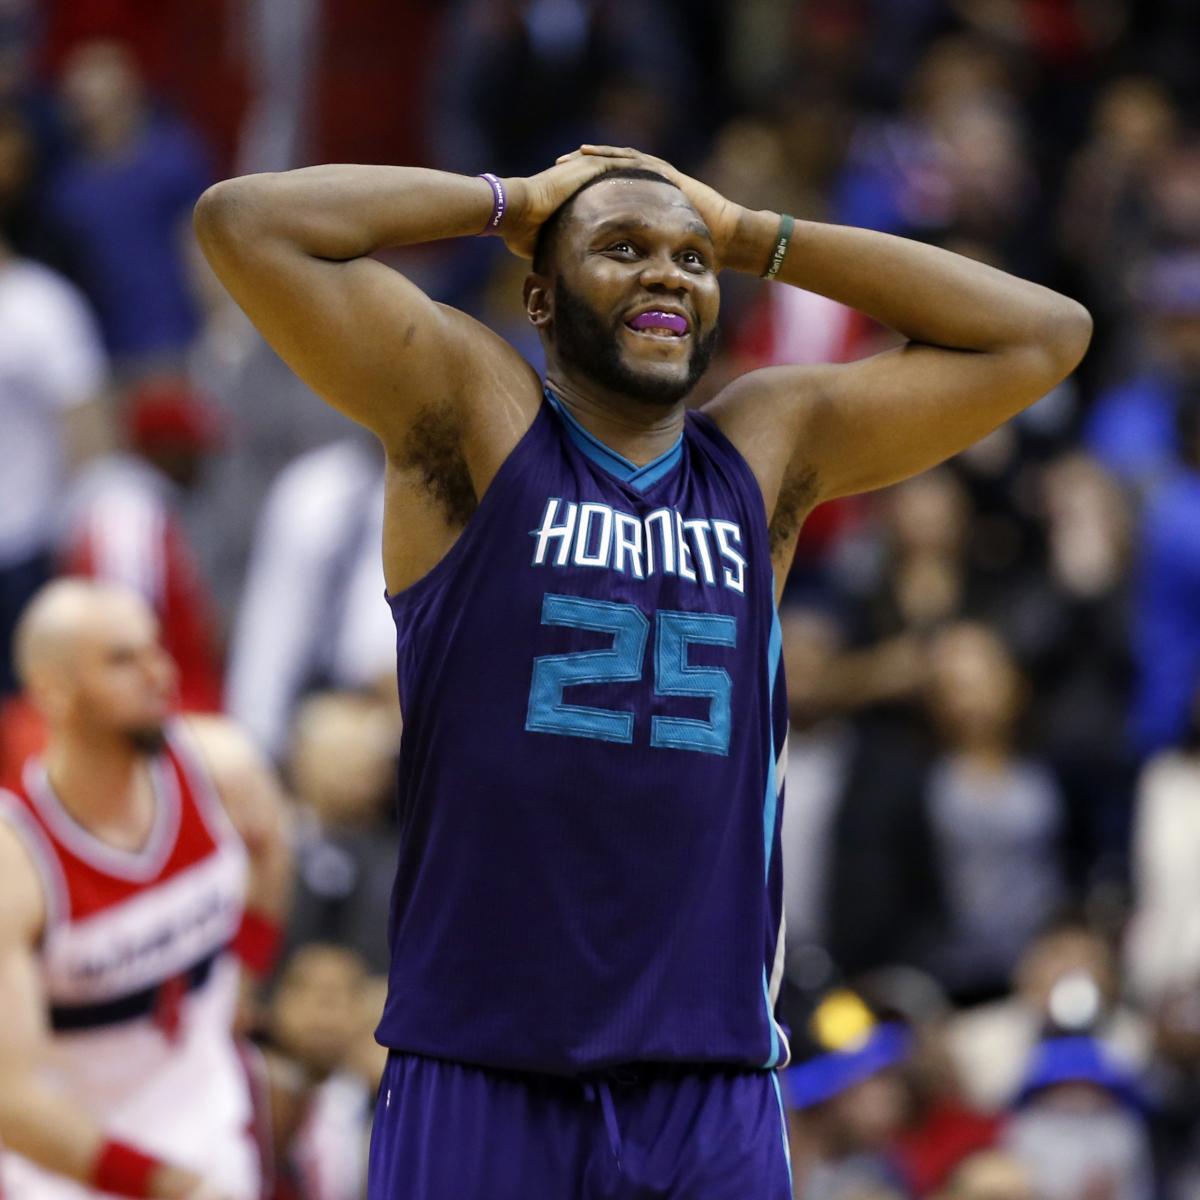 Warriors Hornets Full Game Highlights